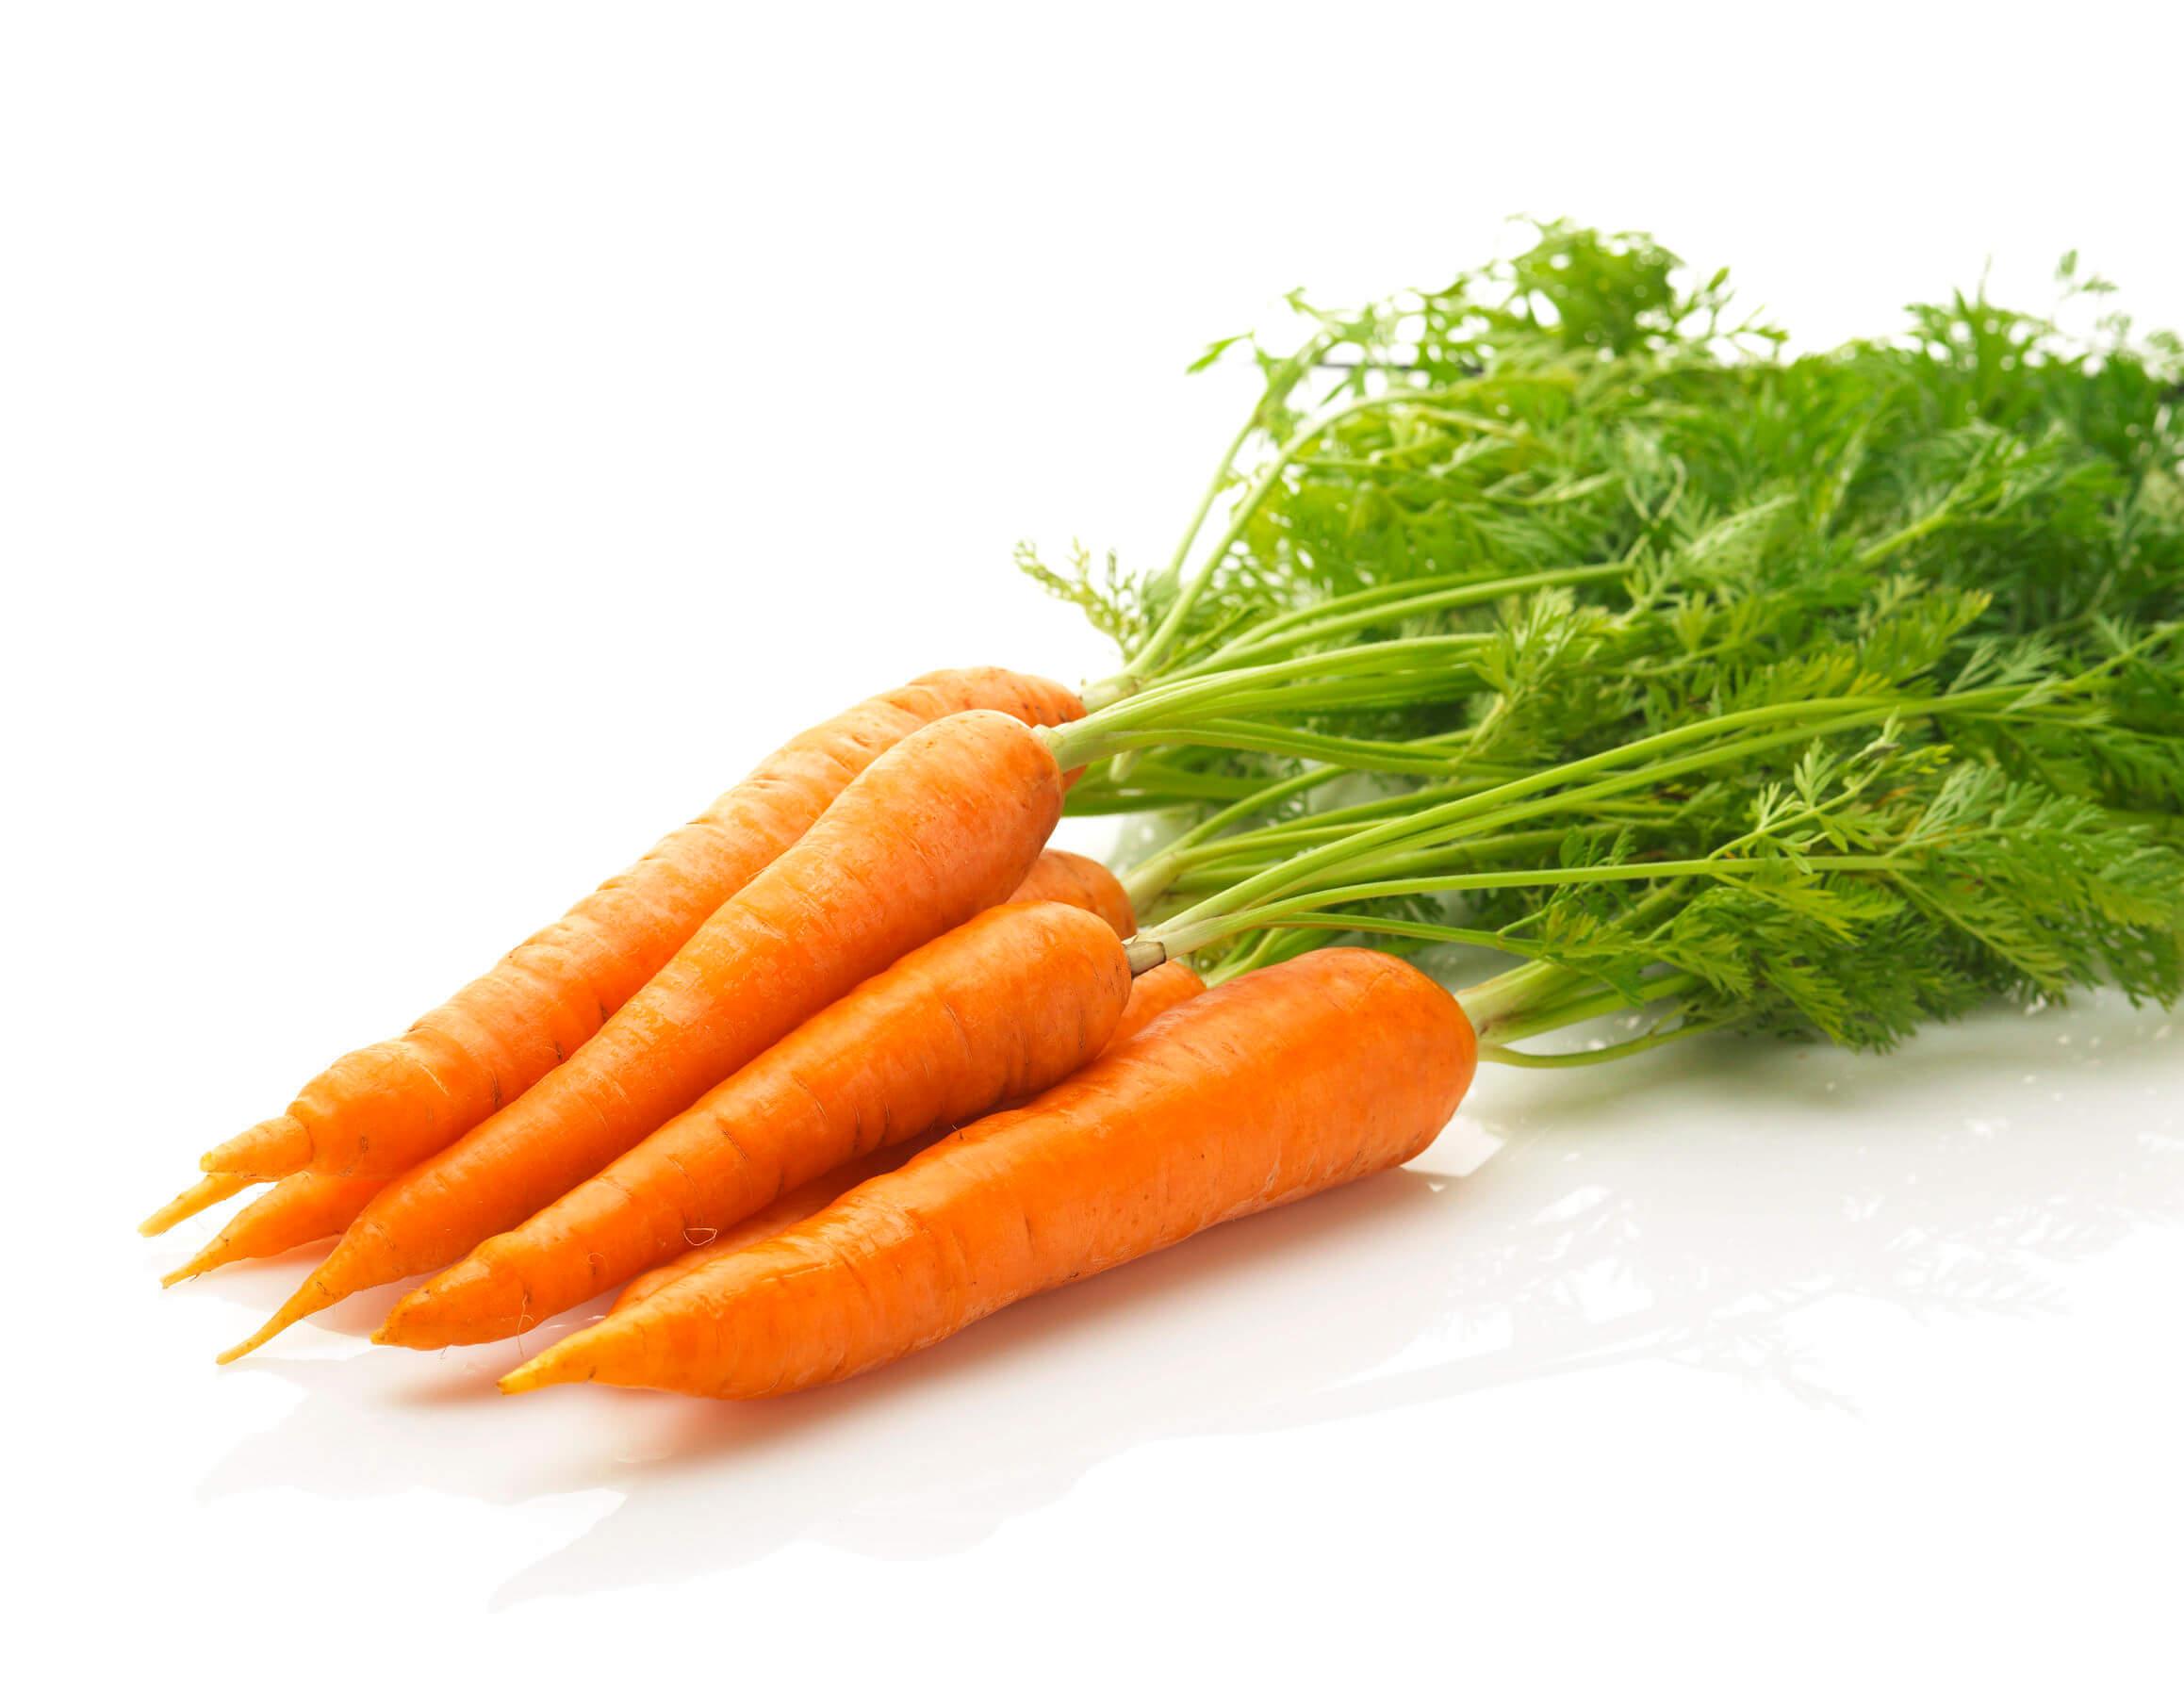 Les carottes sont une excellente source de bêta-carotène